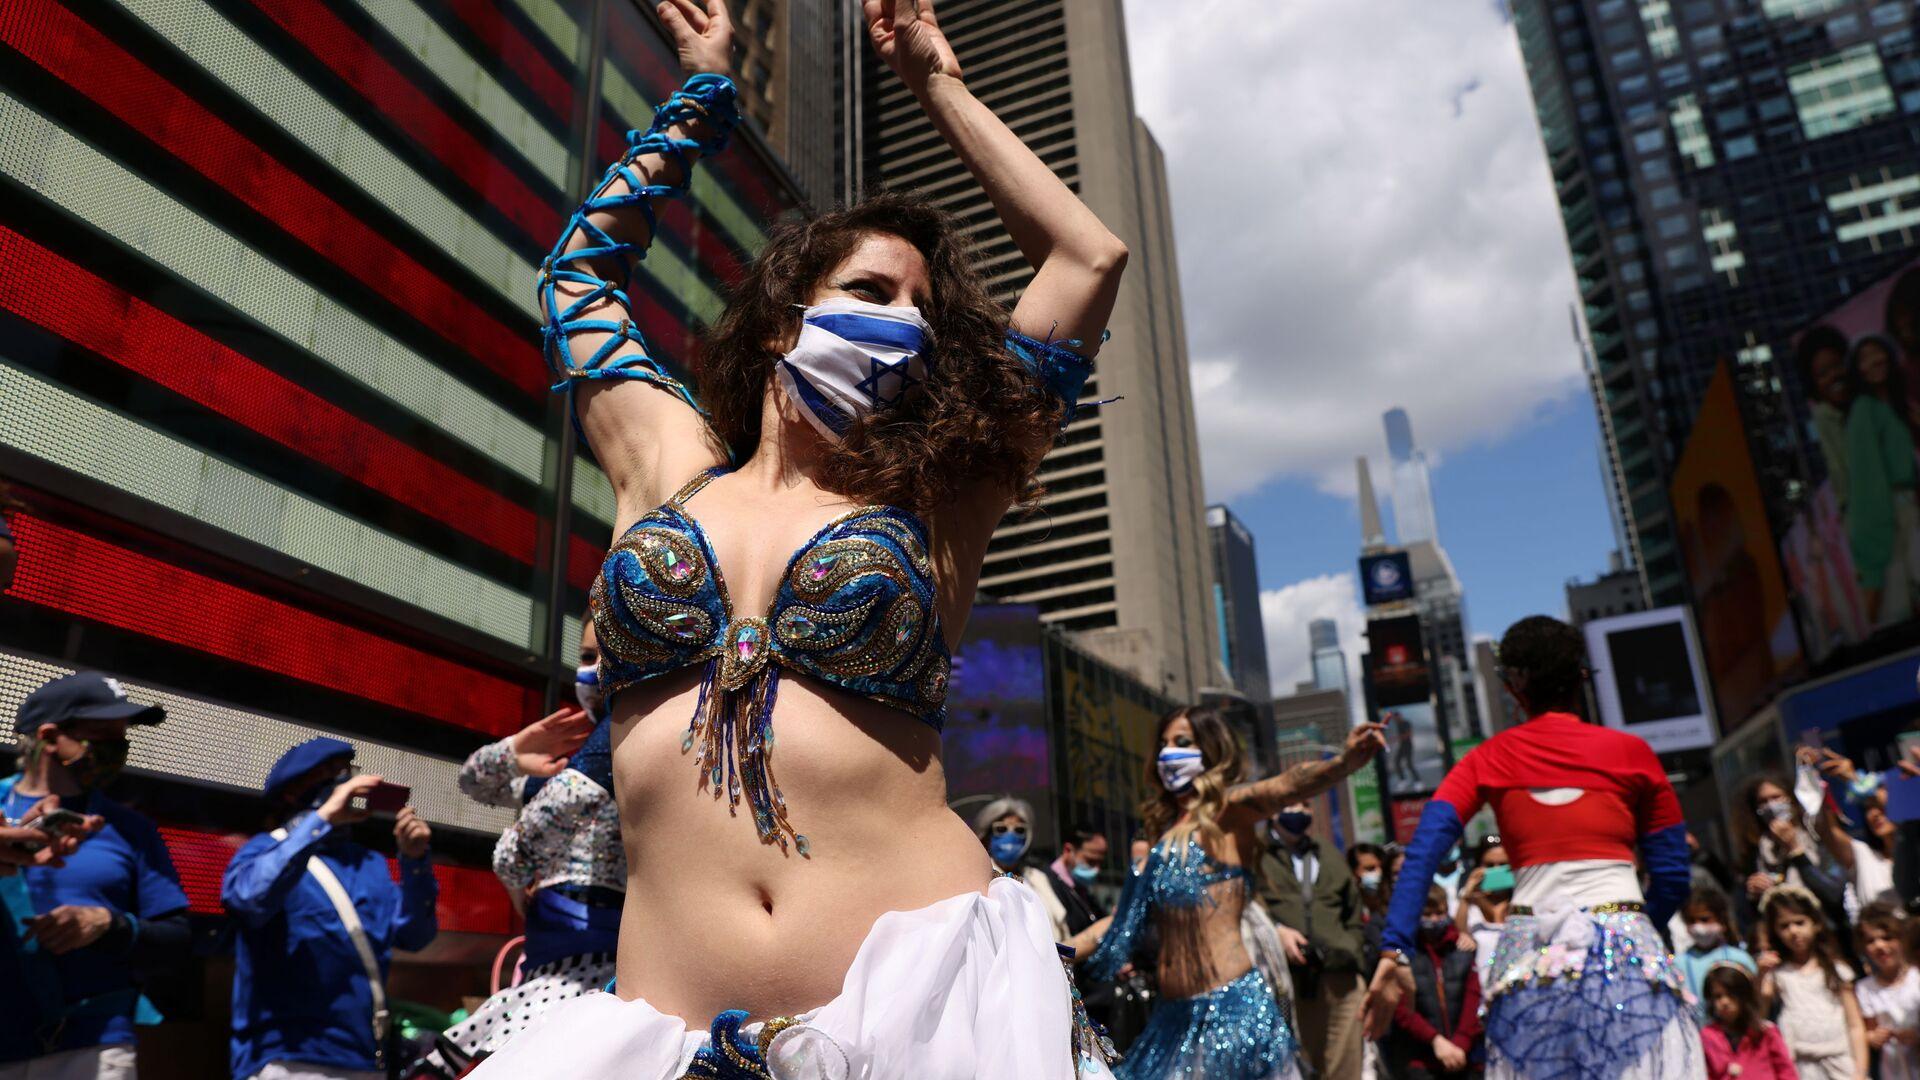 Женщина танцует на празднике в честь Дня независимости Израиля, отмечающего 73-ю годовщину создания государства, на Таймс-сквер в Нью-Йорке, США - Sputnik Italia, 1920, 26.07.2021